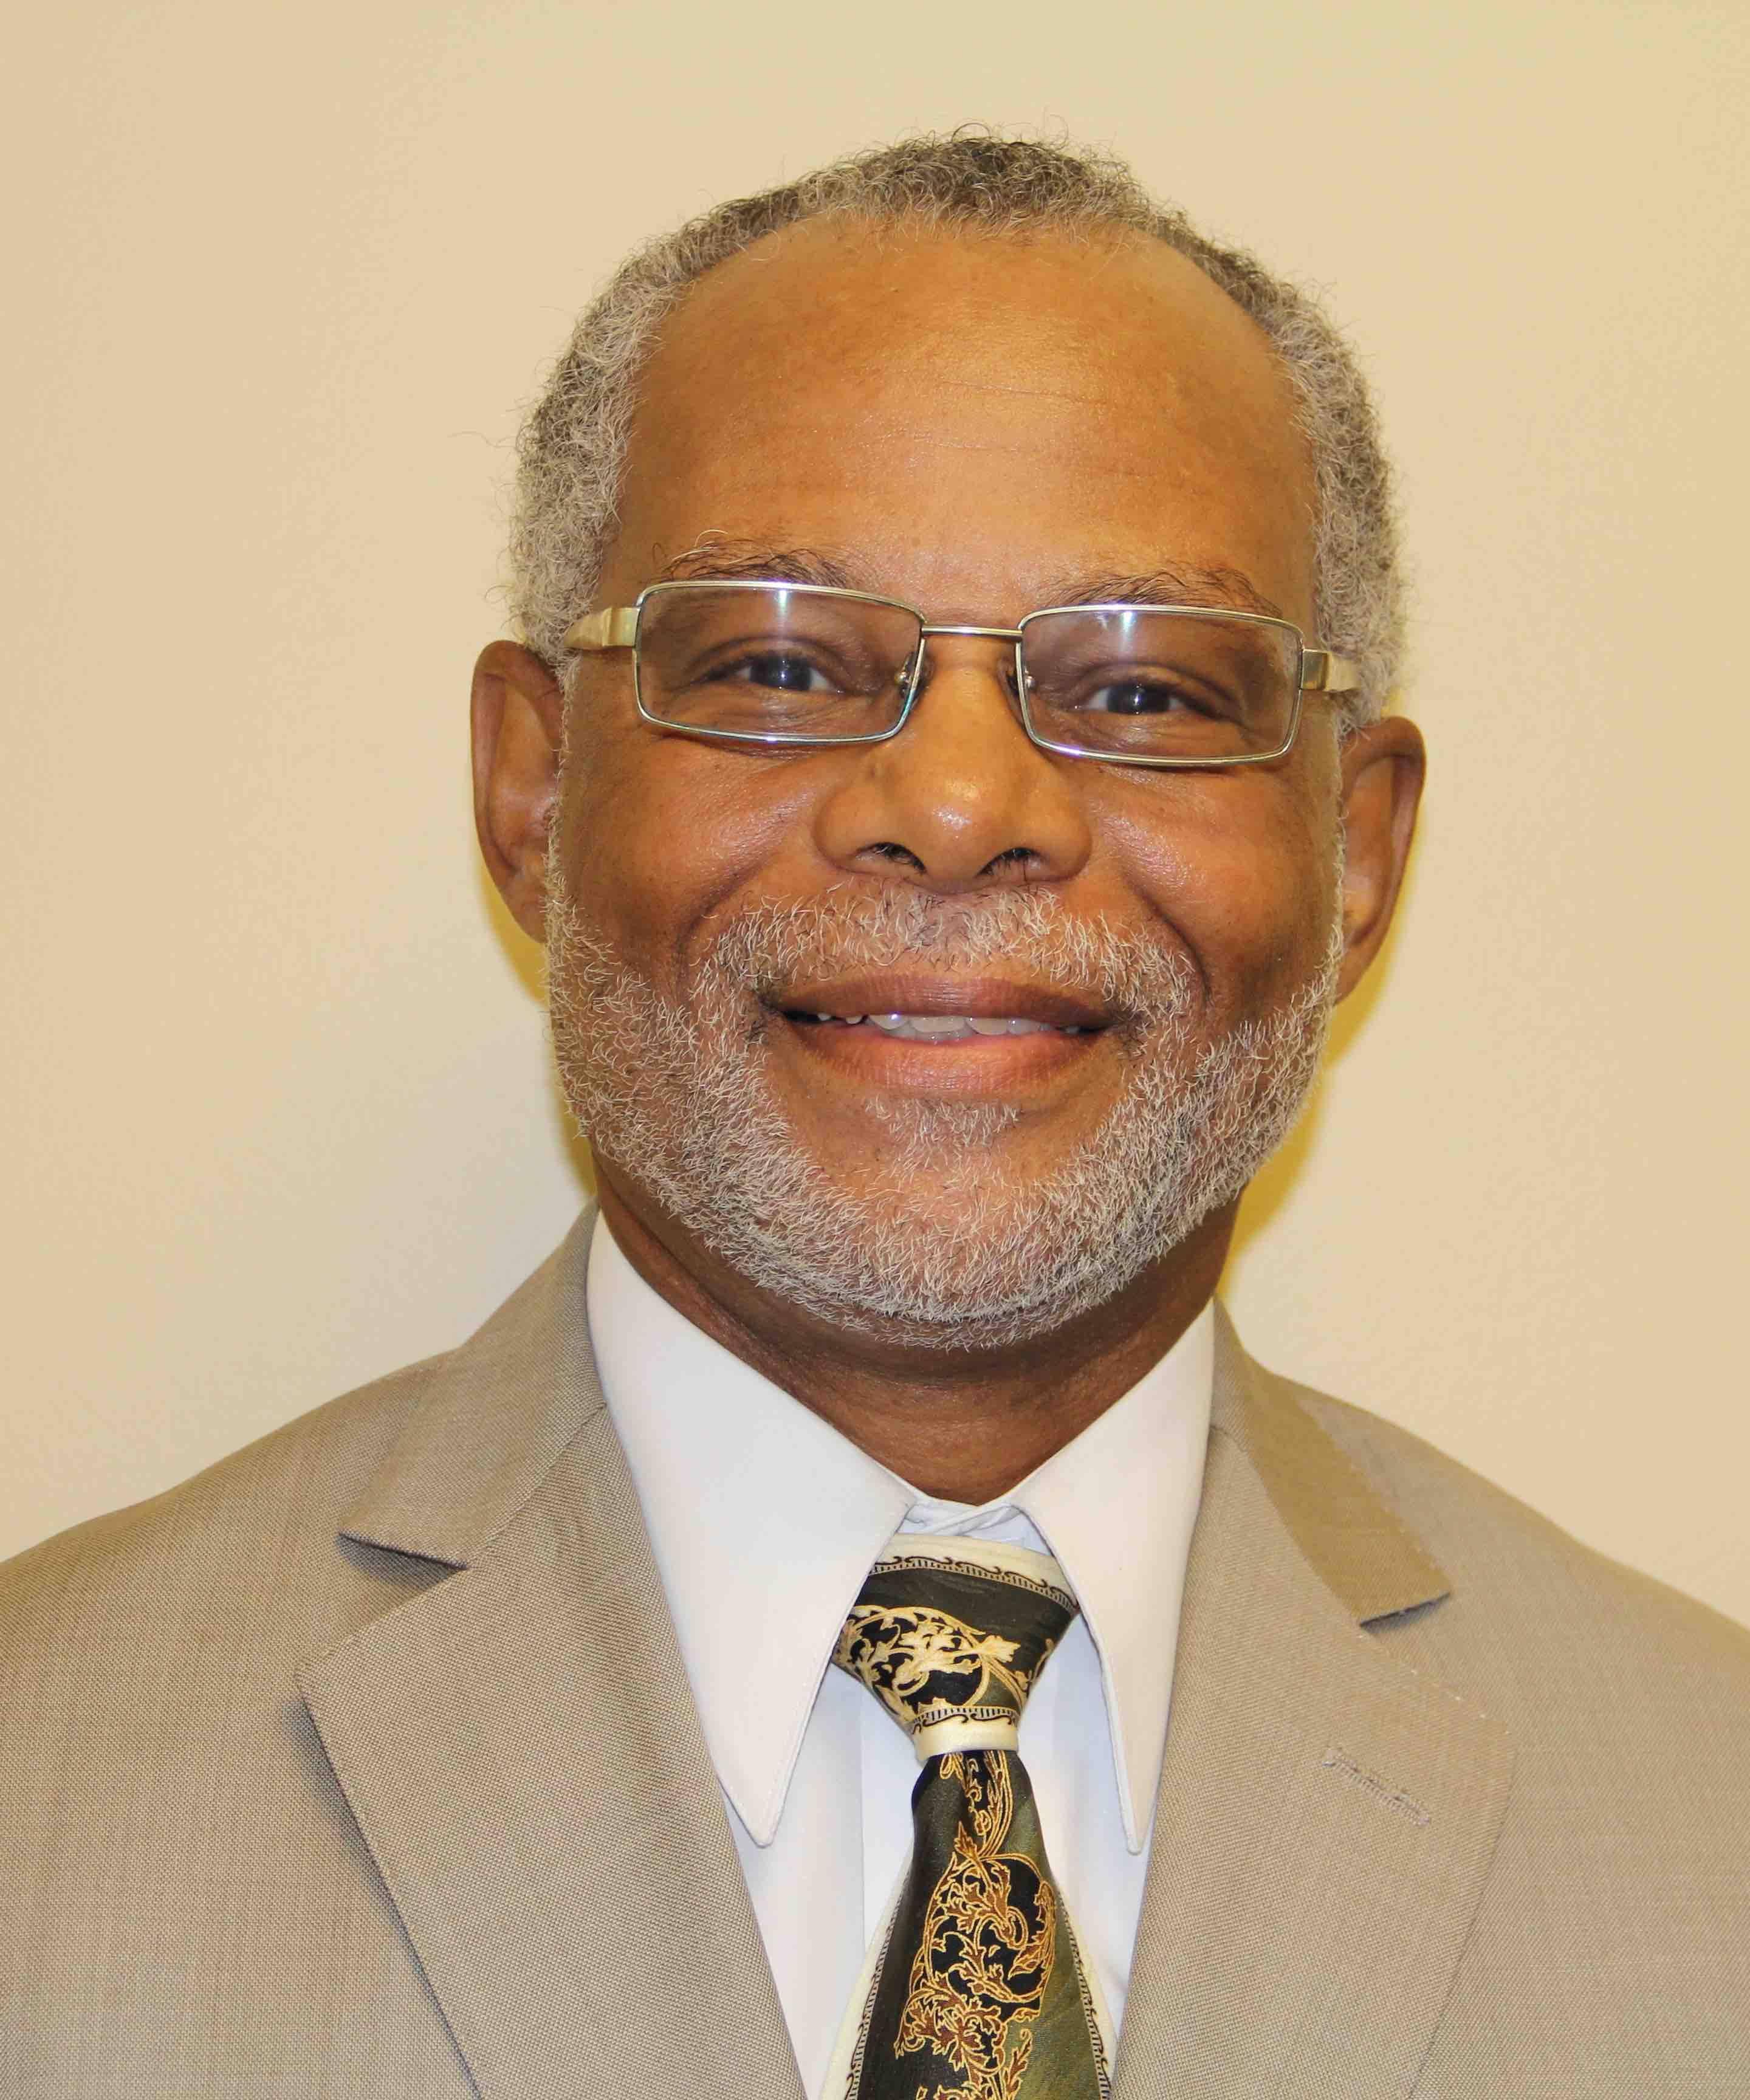 Rev. Al Berry